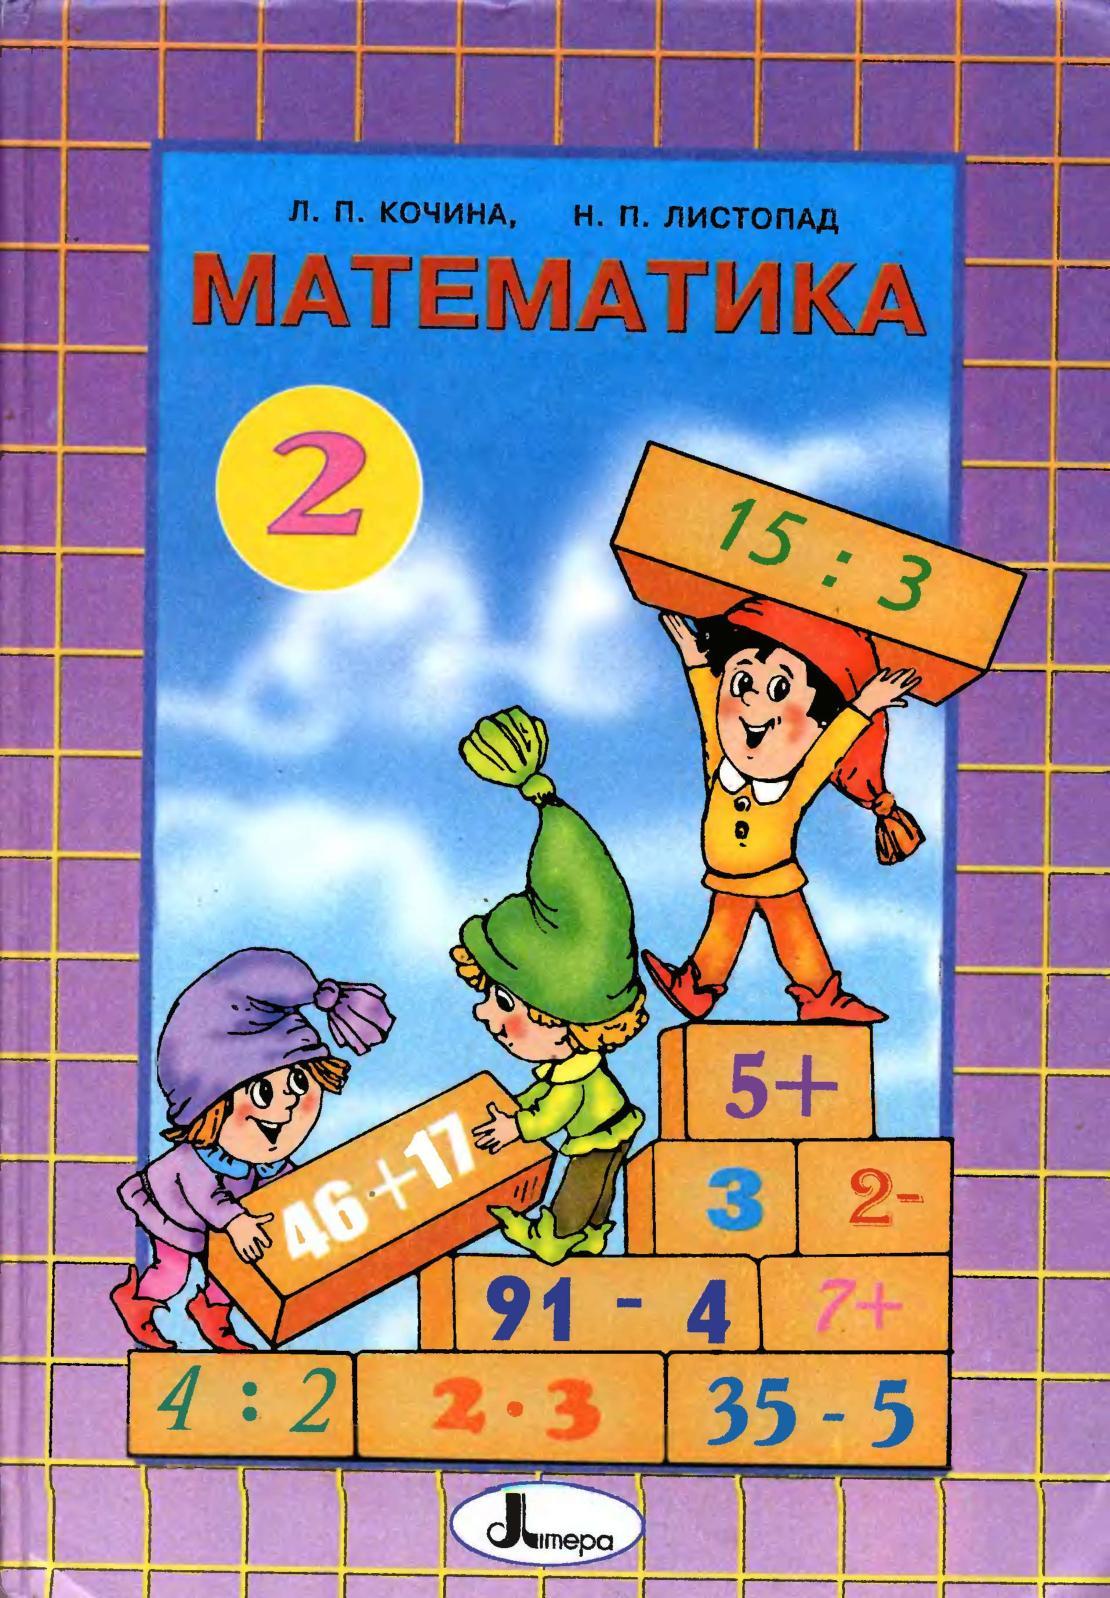 Гдз По Математики Л.п Кончина Н.п.листопад Онлайн